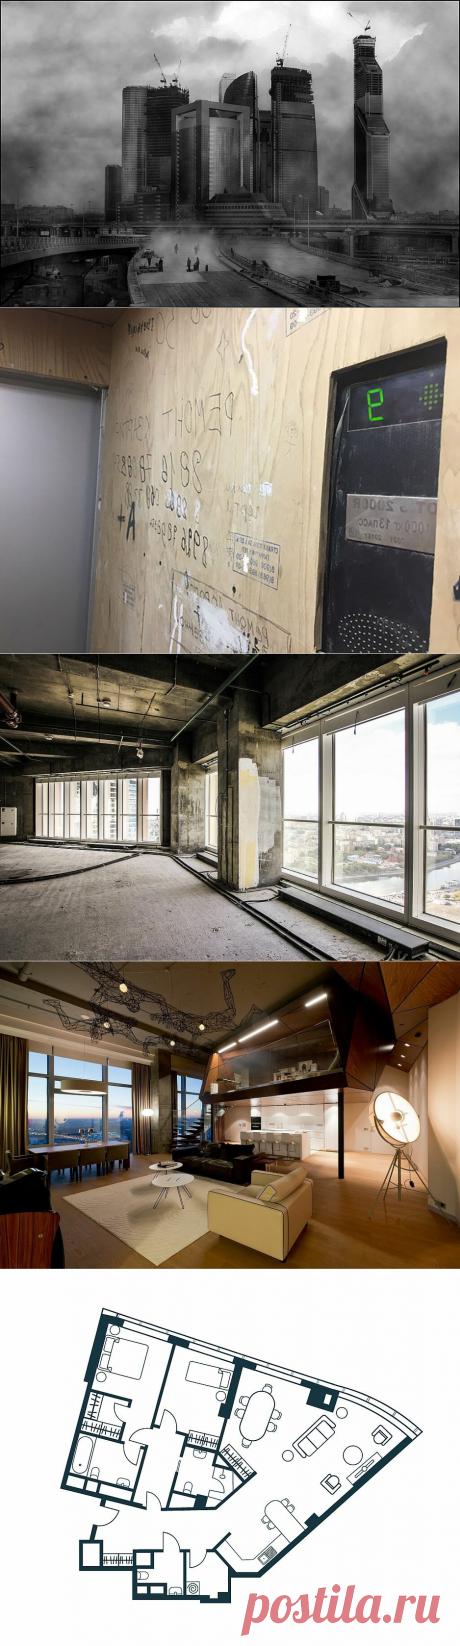 660 тысяч за квадрат - большие проблемы самого элитного жилья в РФ | Неутомимый странник | Яндекс Дзен